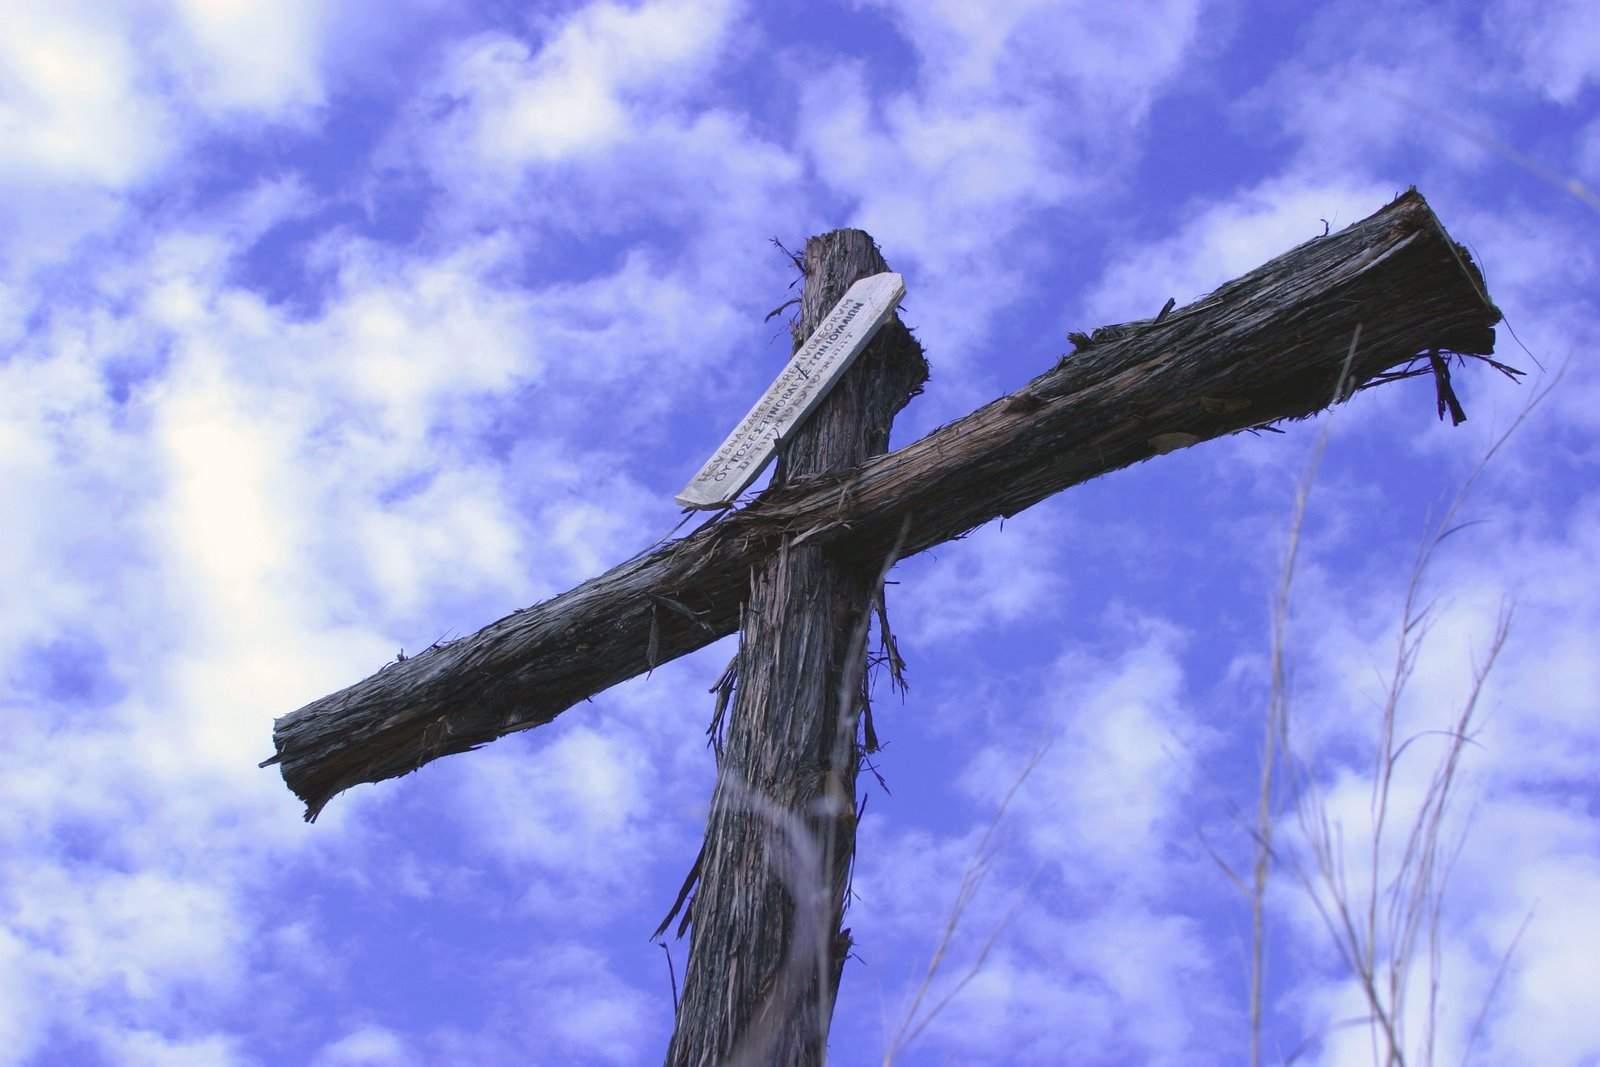 http://2.bp.blogspot.com/-BiwpZVKSjNA/T3s0sWGnyvI/AAAAAAAAAUY/RBZuJykveMg/s1600/salib+yesus.jpg